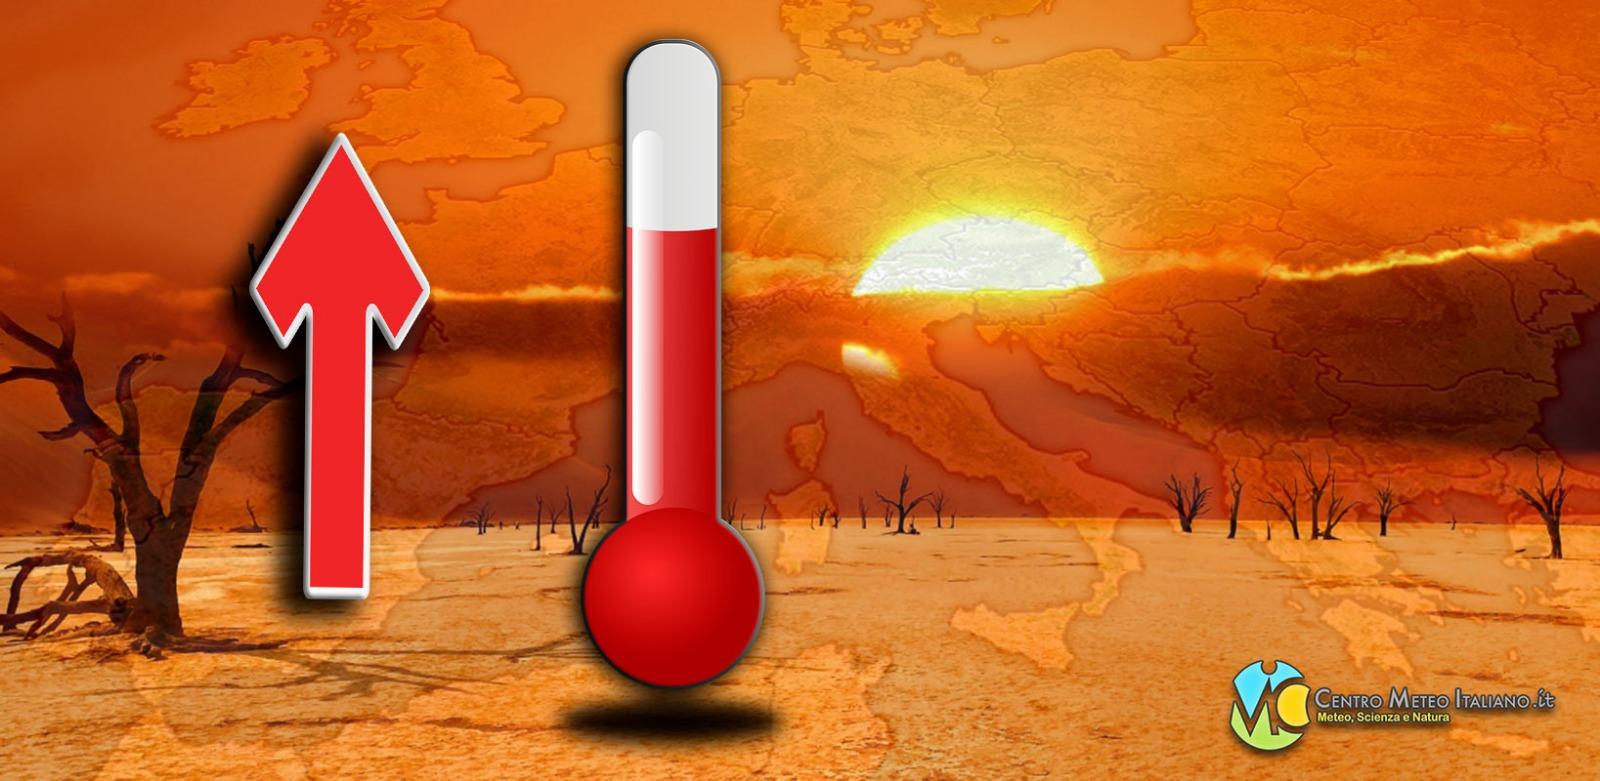 Tornerà il grande caldo?